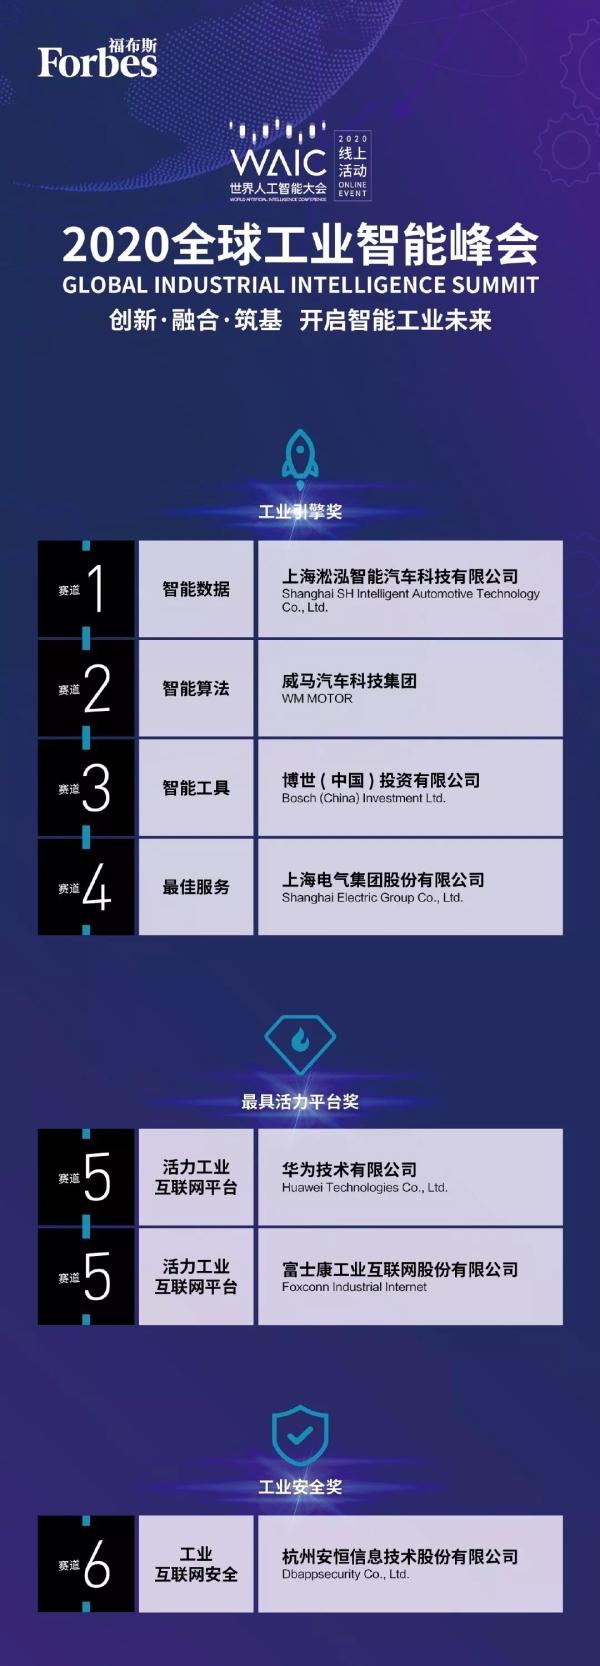 """2020全球工业智能峰会 """"湛卢奖""""的评选结果"""